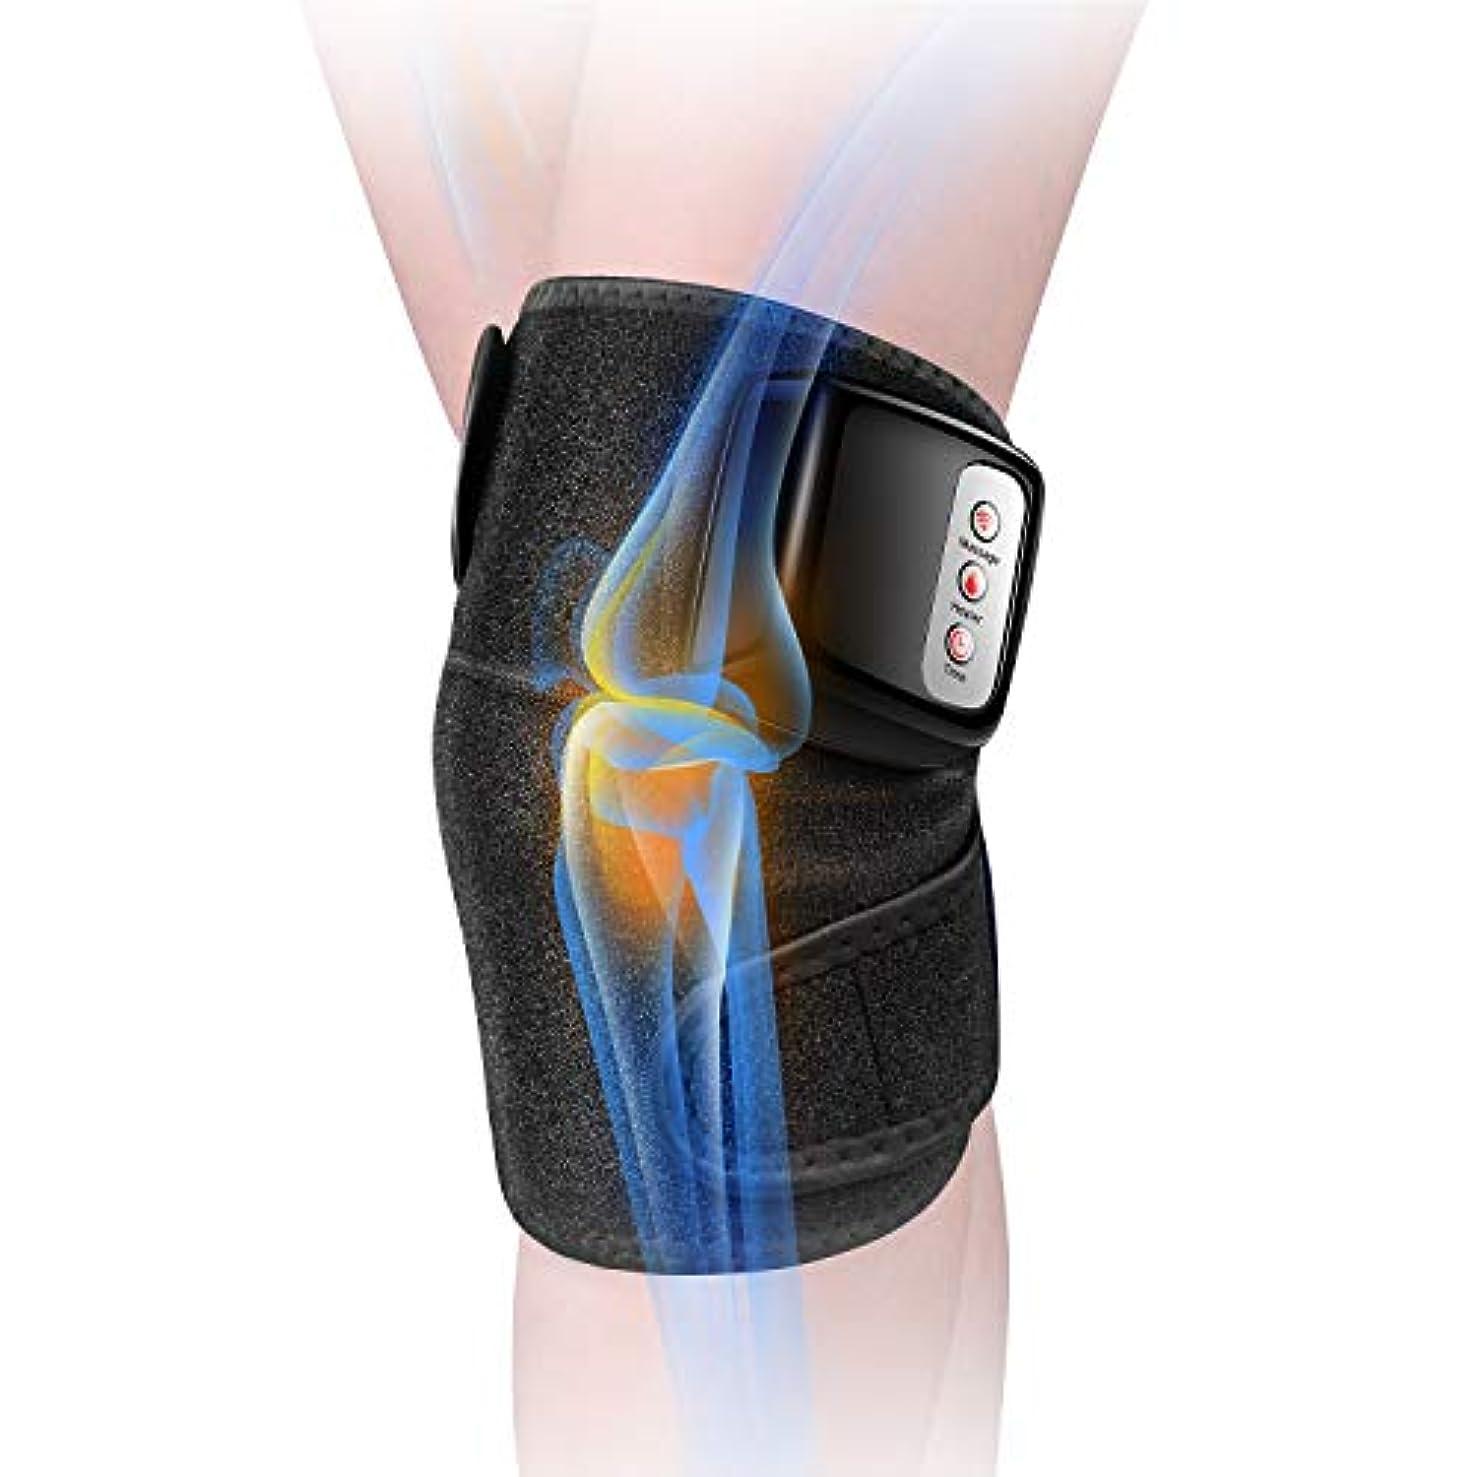 楽しいデッドロック抑制マッサージ器 フットマッサージャー 膝マッサージャー ひざ 太もも 腕 肩 肘 ヒーター付き 振動 マッサージ機 レッグマッサージャー 通気性 赤外線療法 膝サポーター ストレス解消 温熱マッサージ